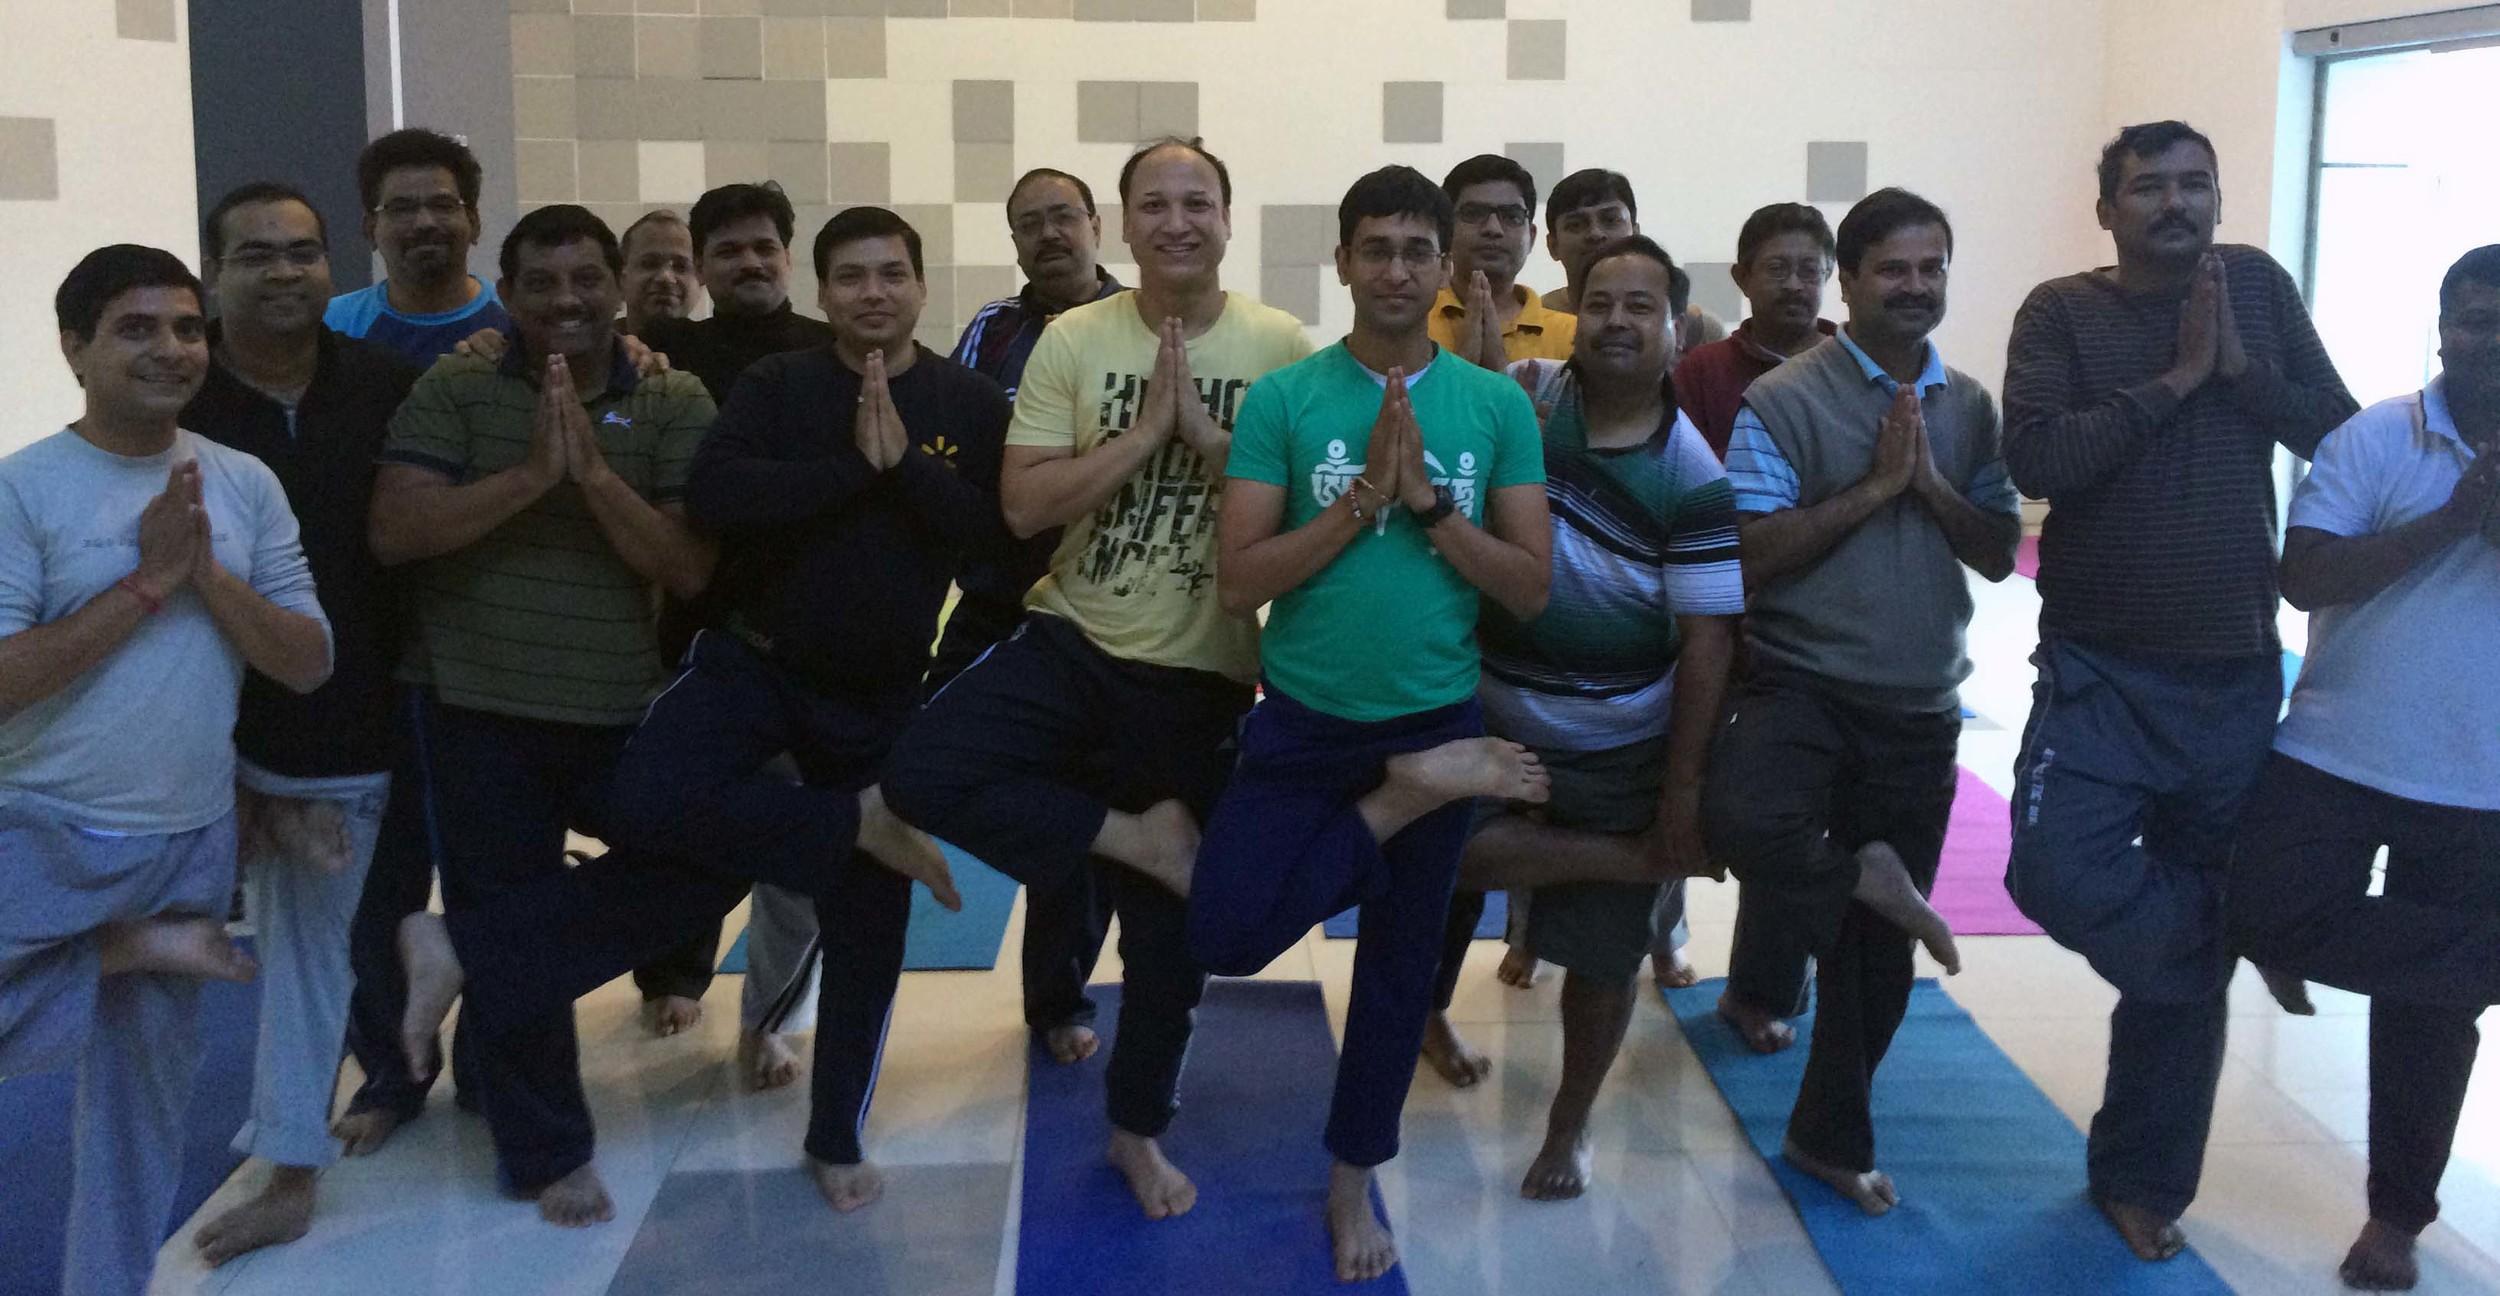 Mystic Yoga for RPEG-Sanjiv Goenka Group